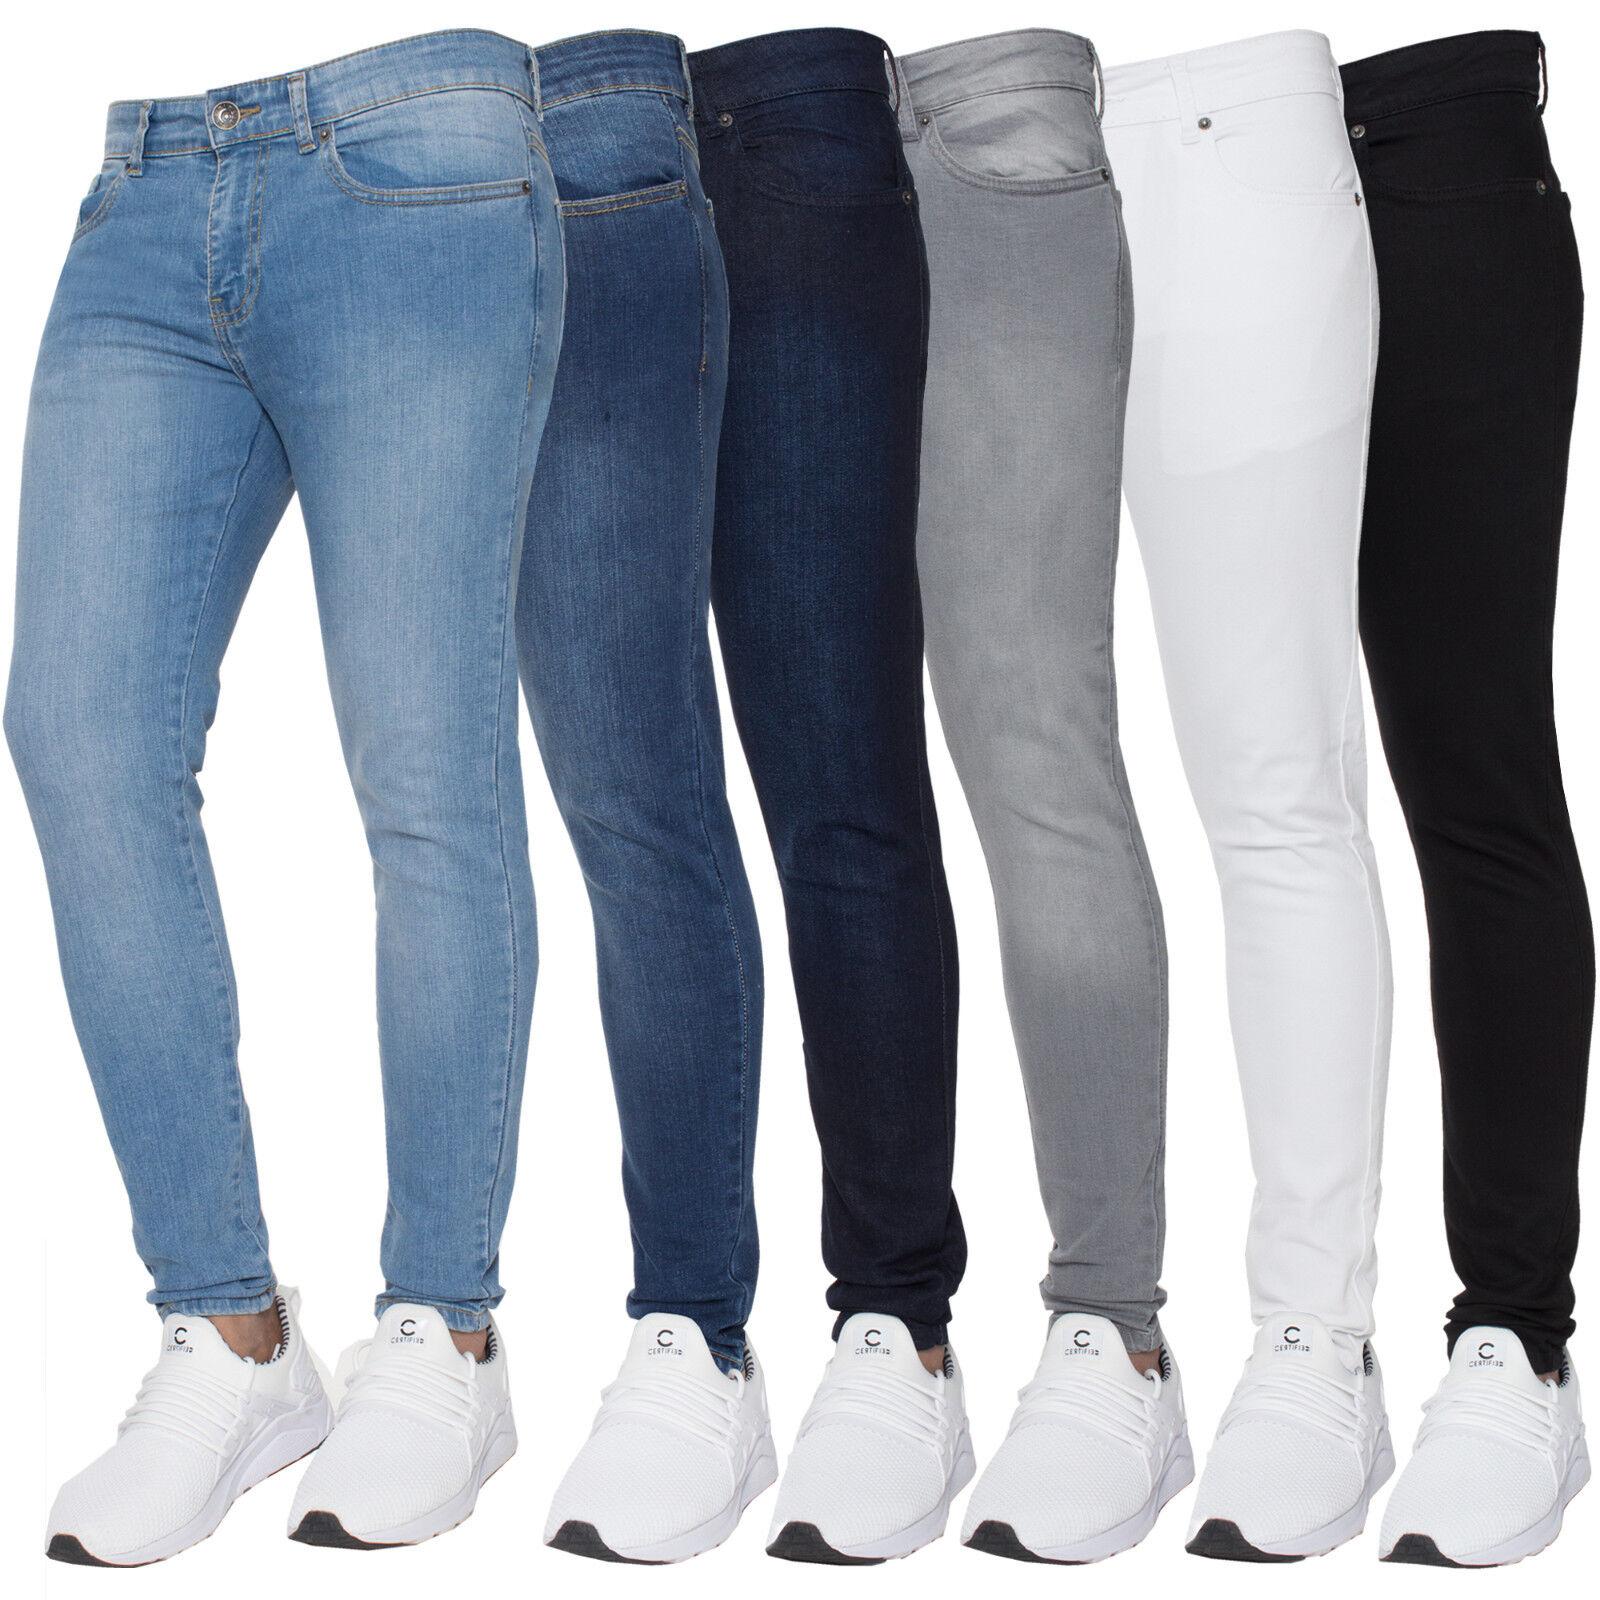 Enzo Jeans Pantaloni Aderenti Elasticizzati da Uomo Skinny Misura 28 42 Nuovi